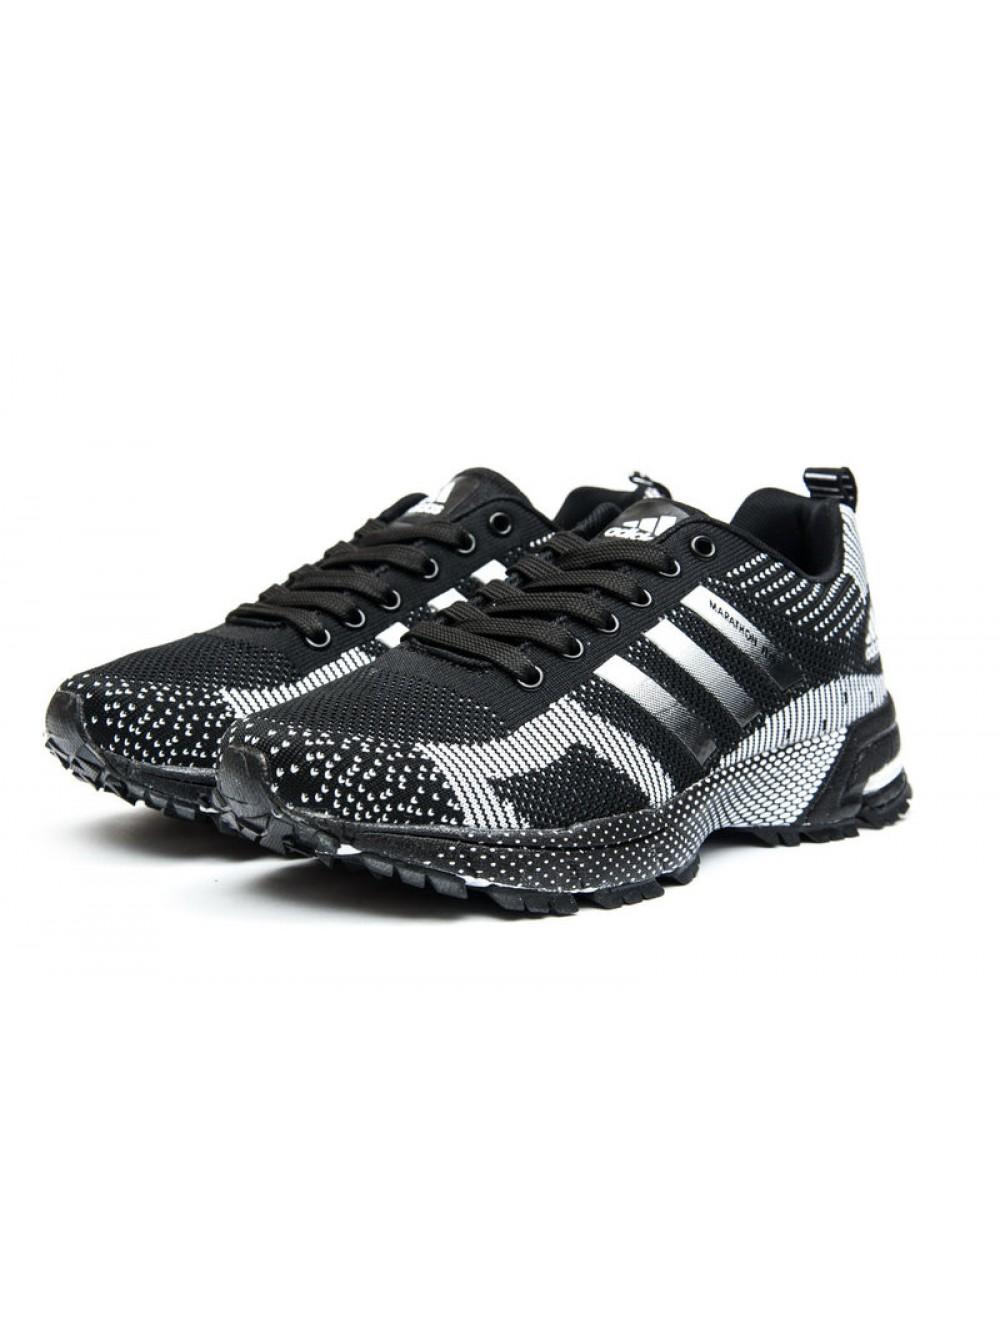 8547d70e Кроссовки Adidas Marathon TR 21, Черные, 11722, 37-41р. Купить со